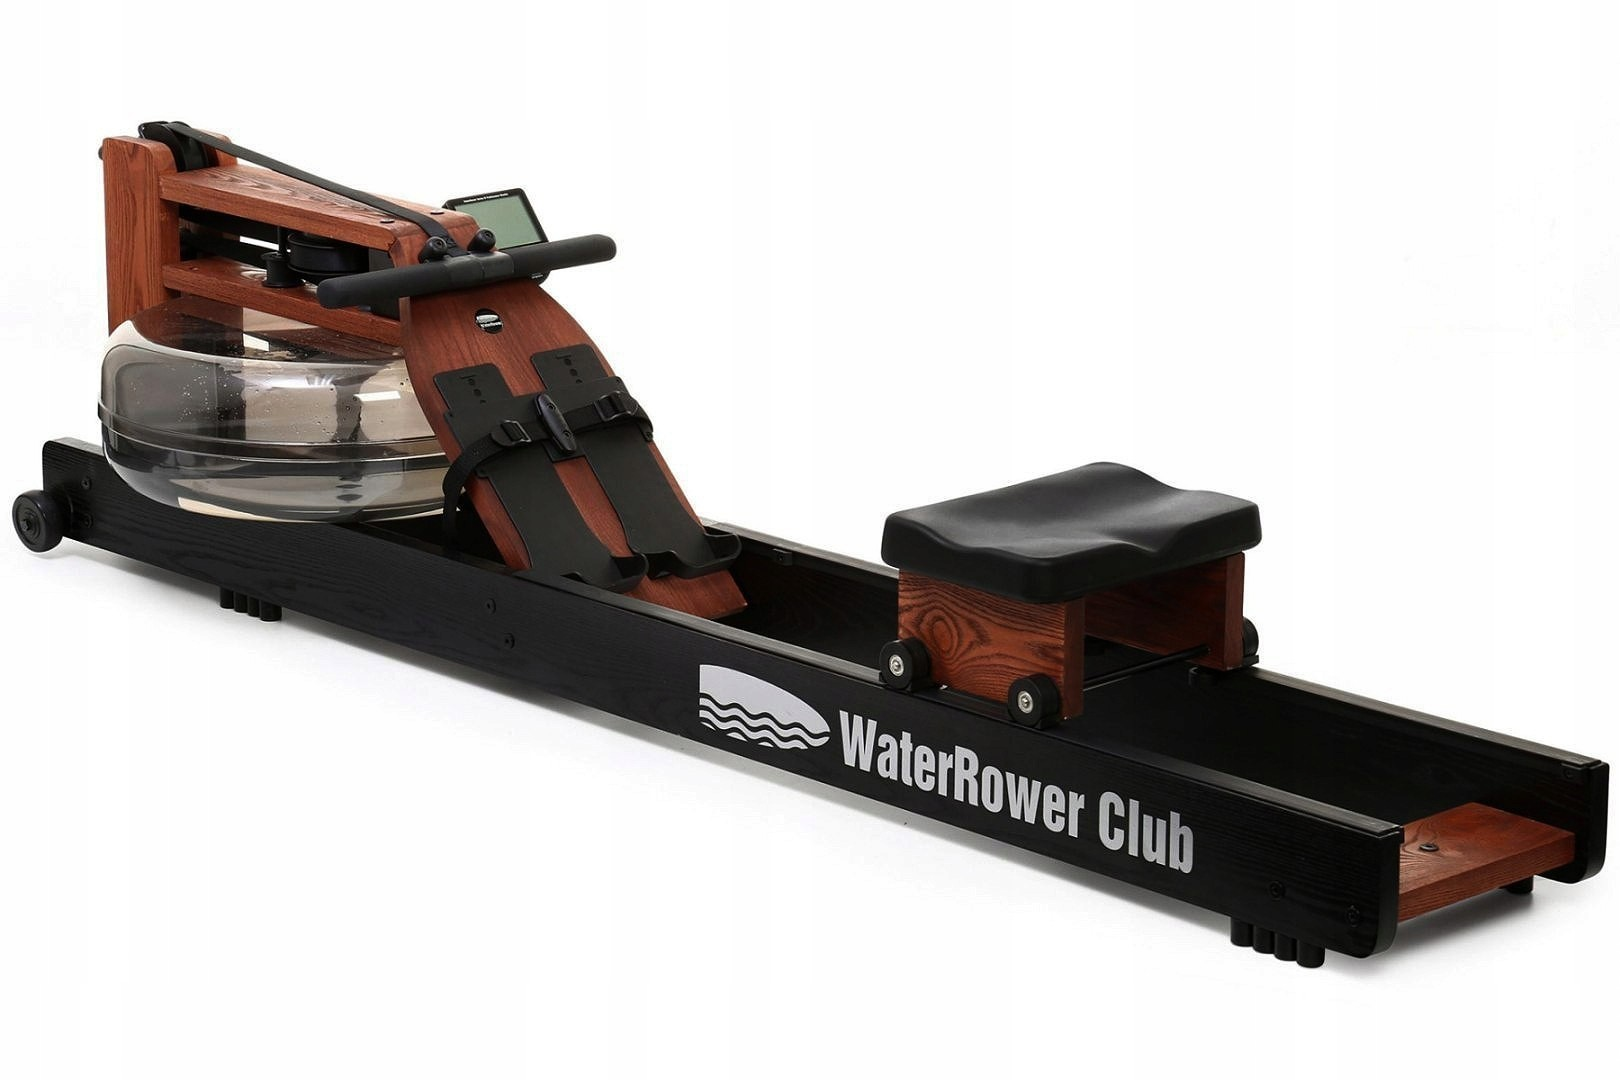 WaterRower Wioślarz wodny Club S4 Jesion a-ty WW-WR-150-S4